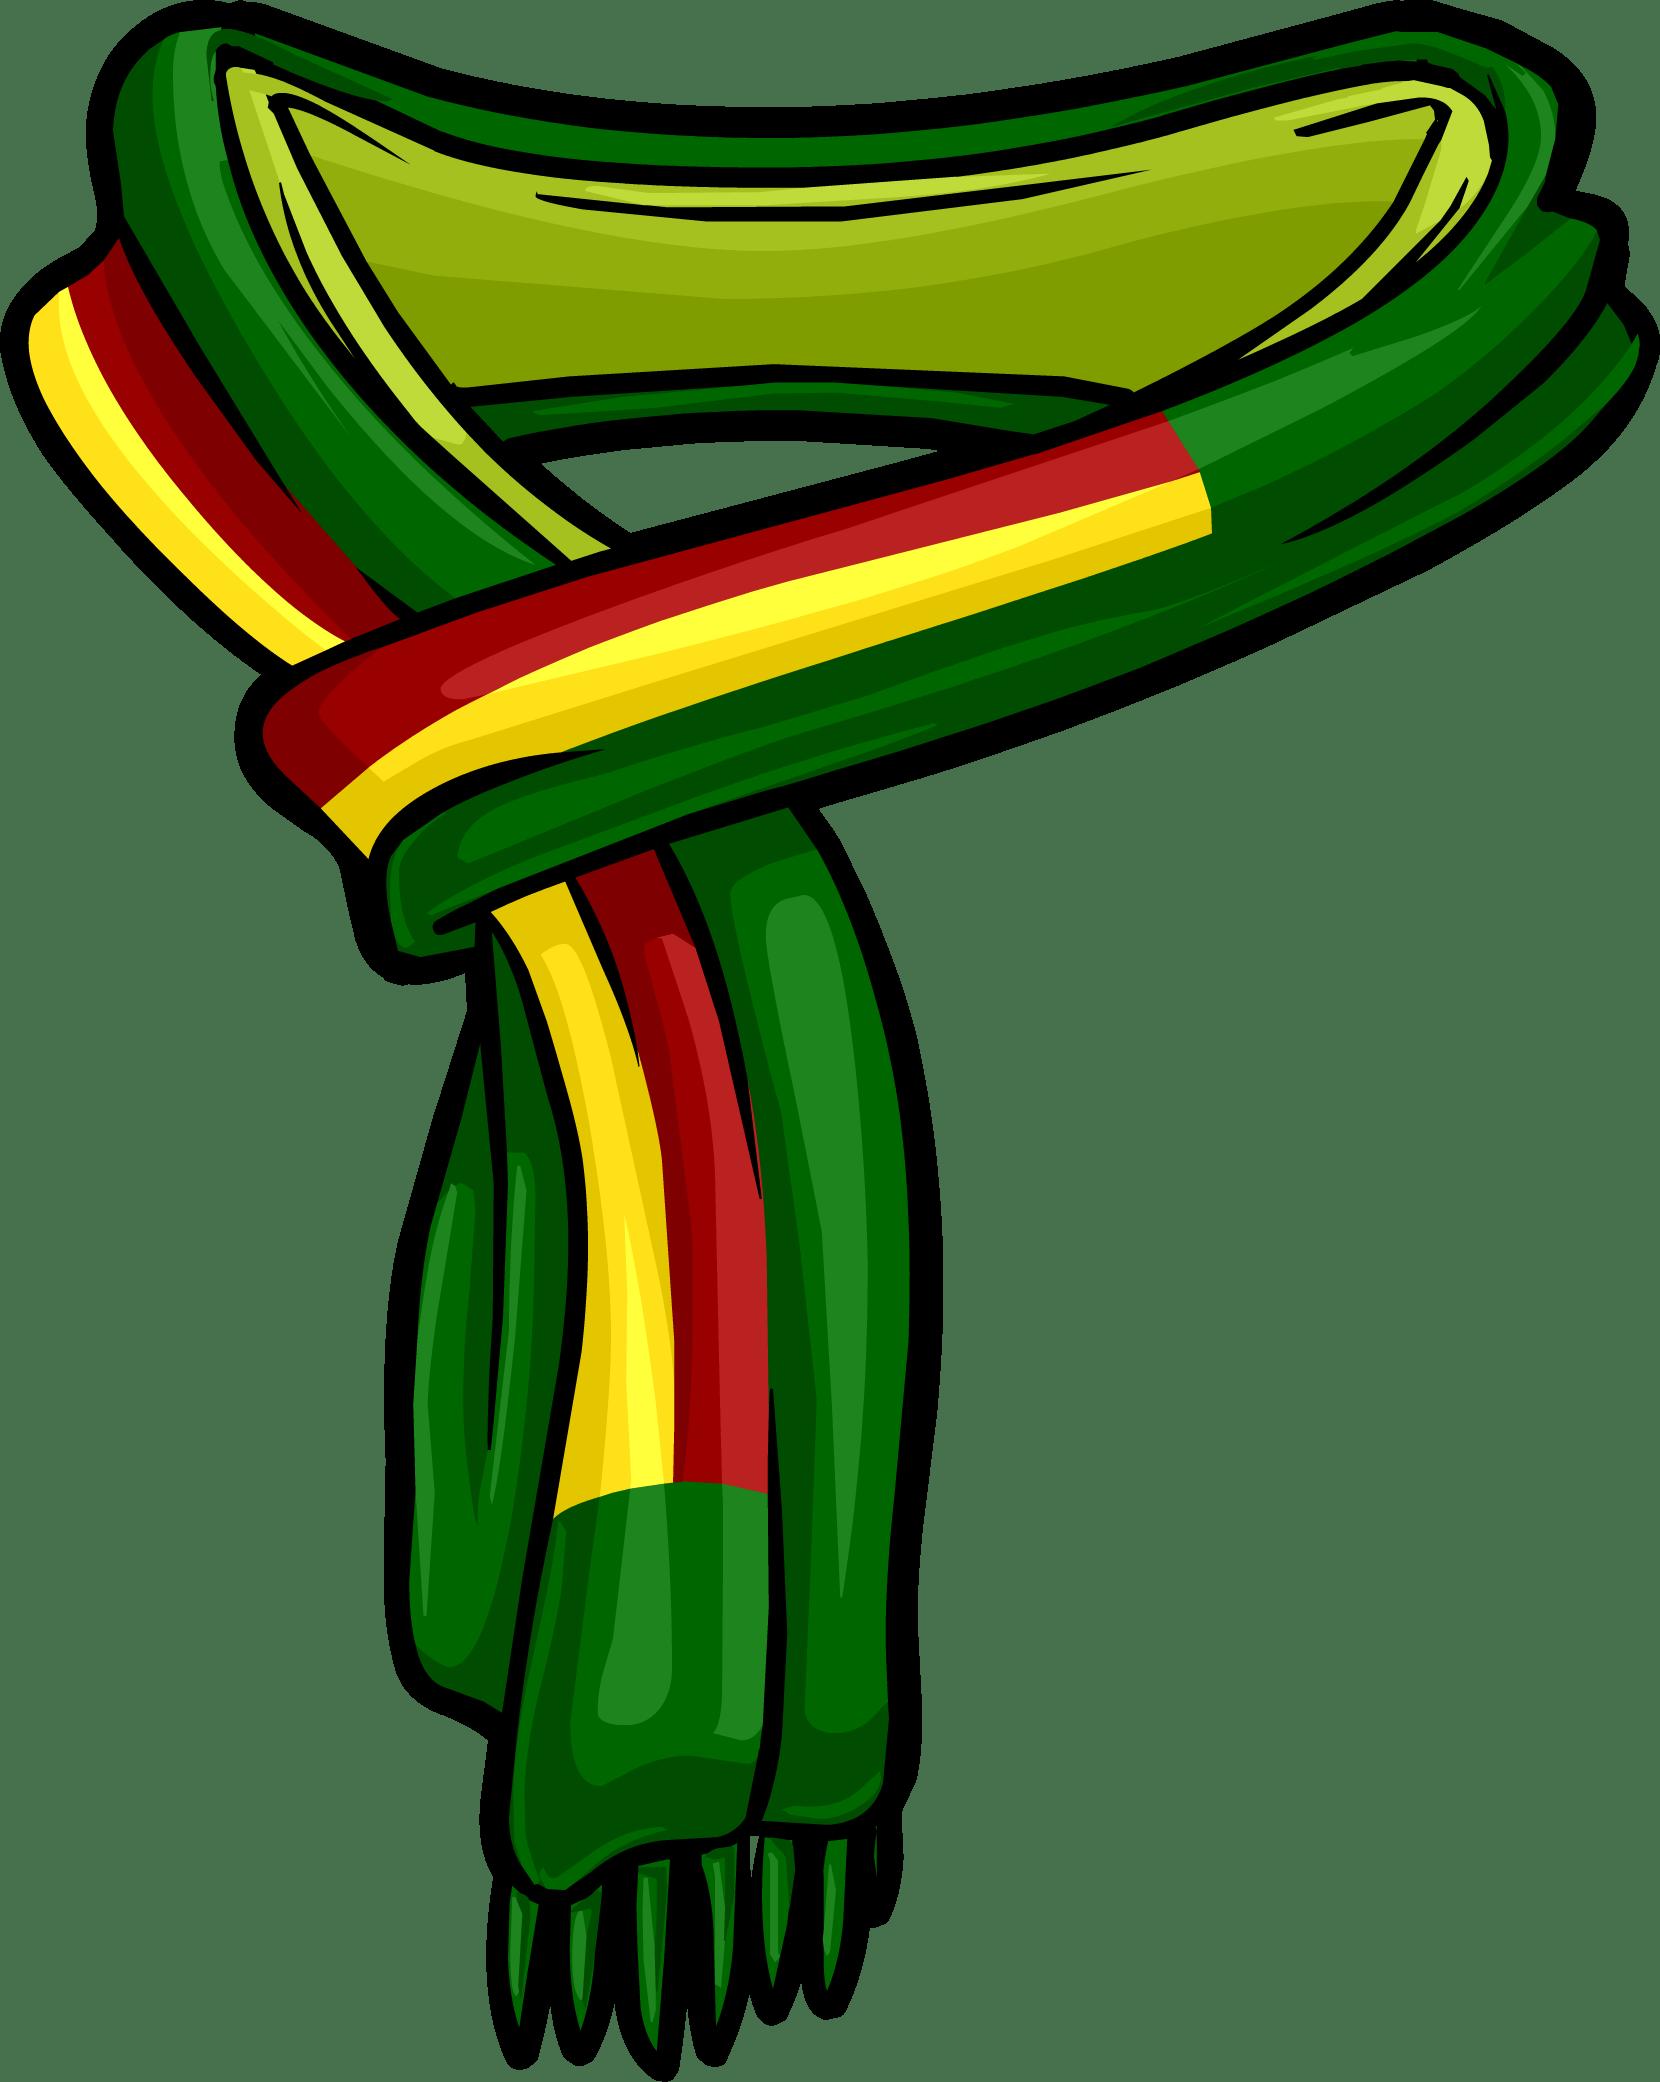 Reggae scarf transparent.